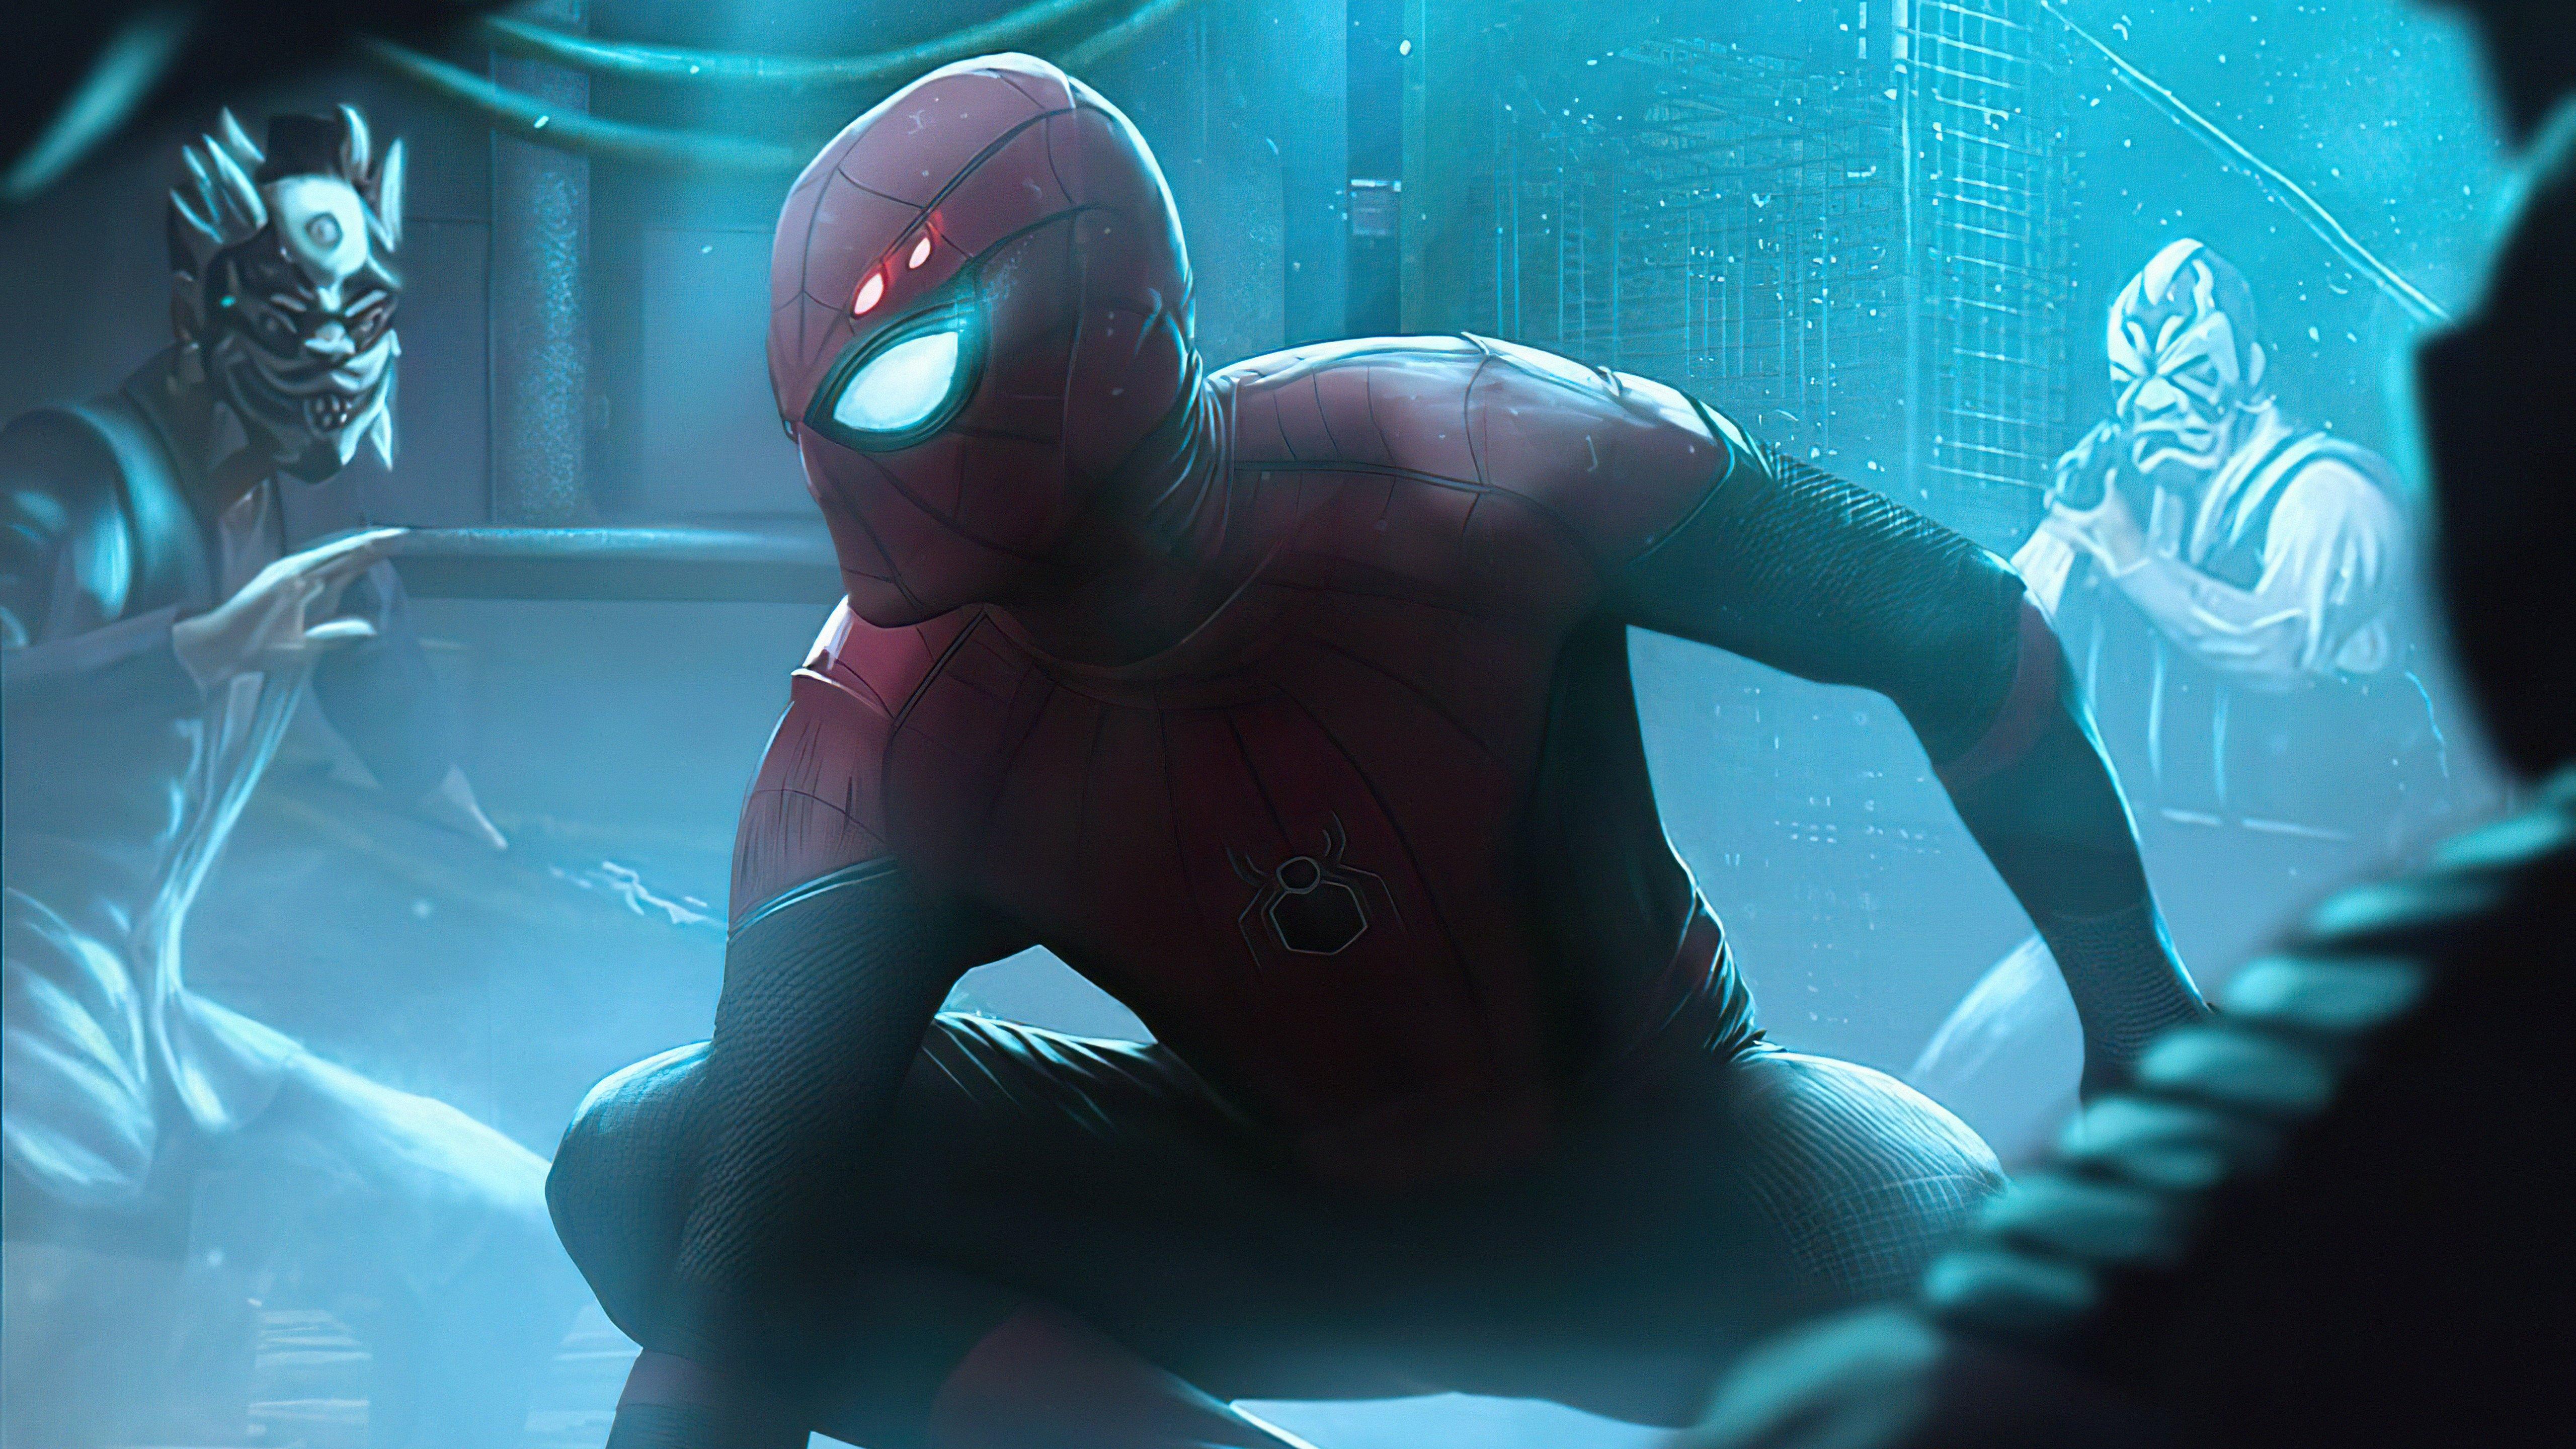 Wallpaper Spider man Neon Glowing World